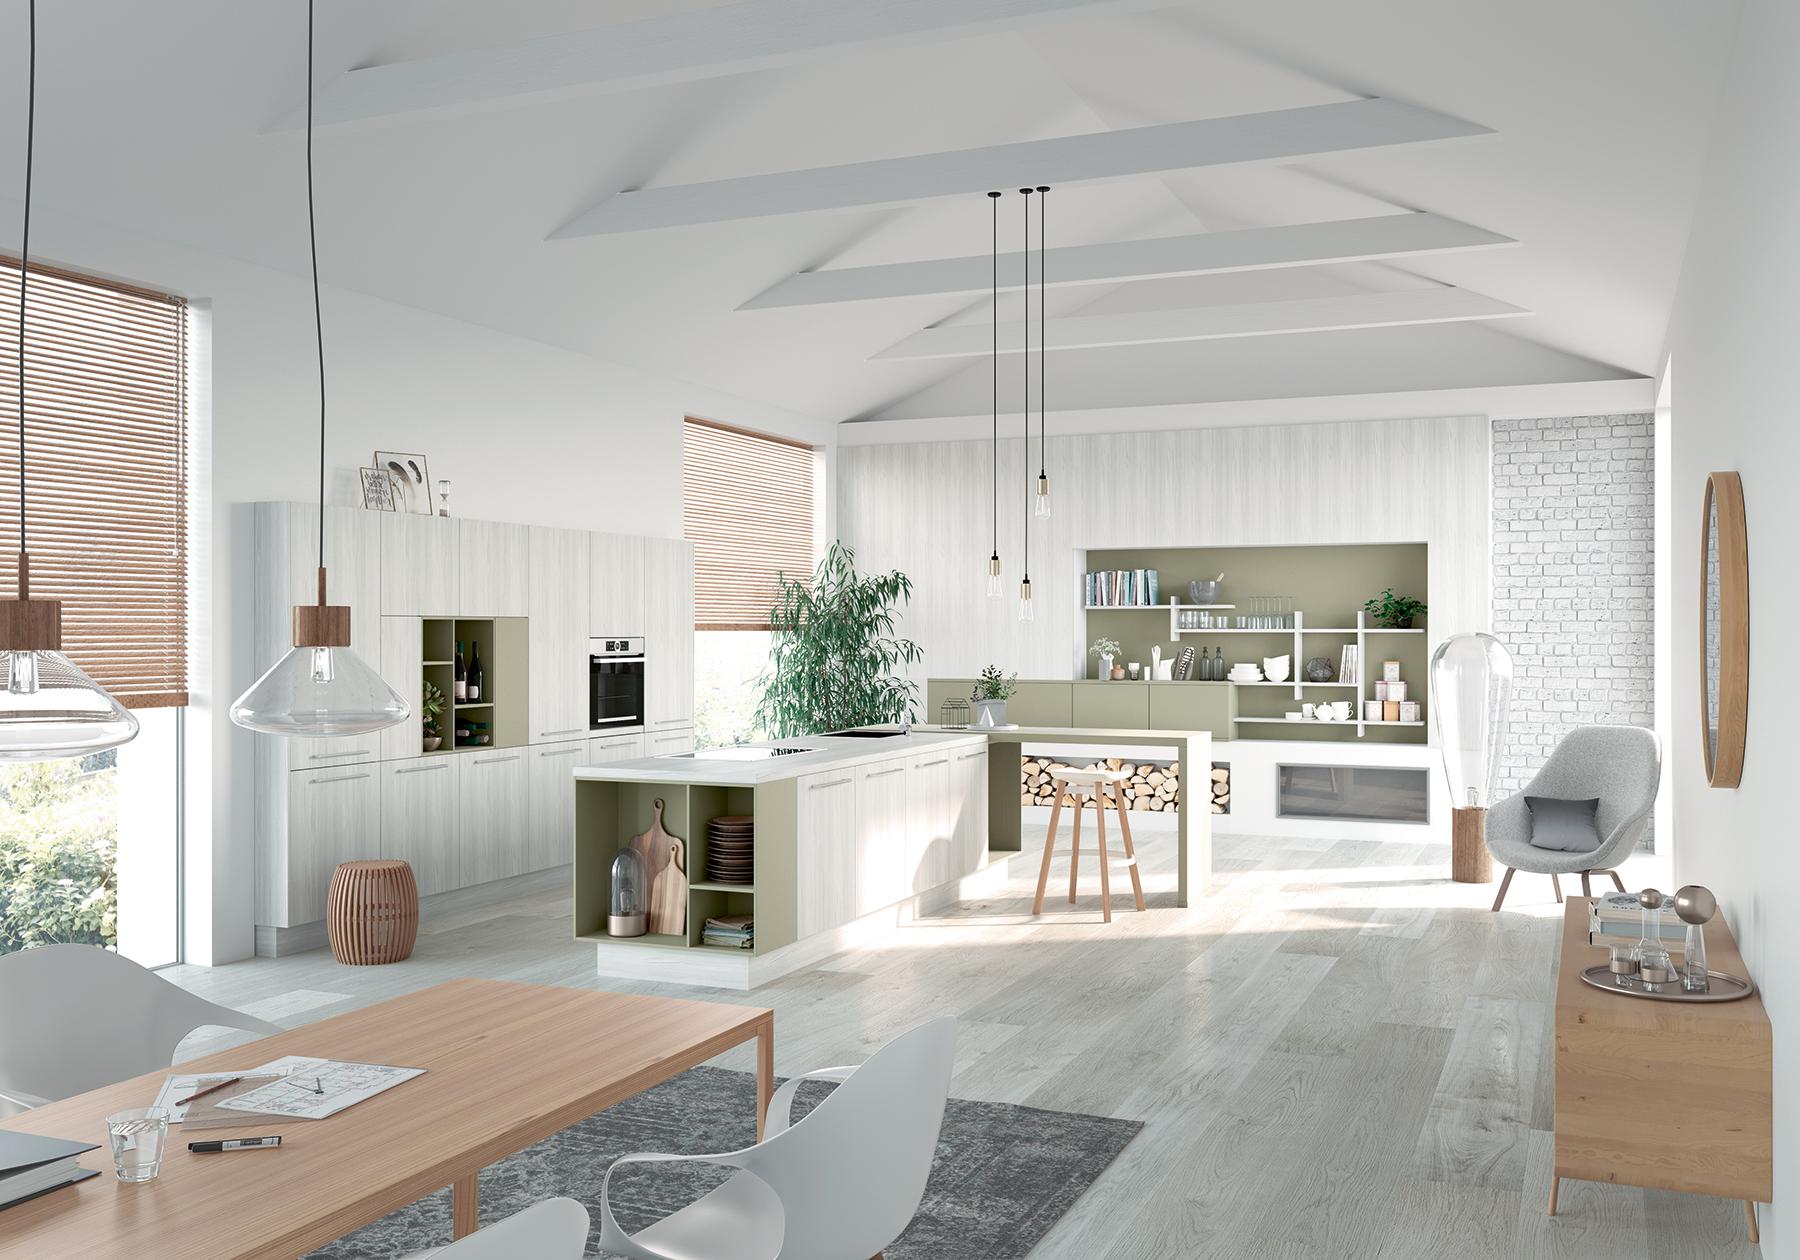 Full Size of Https Blog Weisse Kueche Landhausküche Grau Weiß Gebraucht Moderne Wohnzimmer Landhausküche Wandfarbe